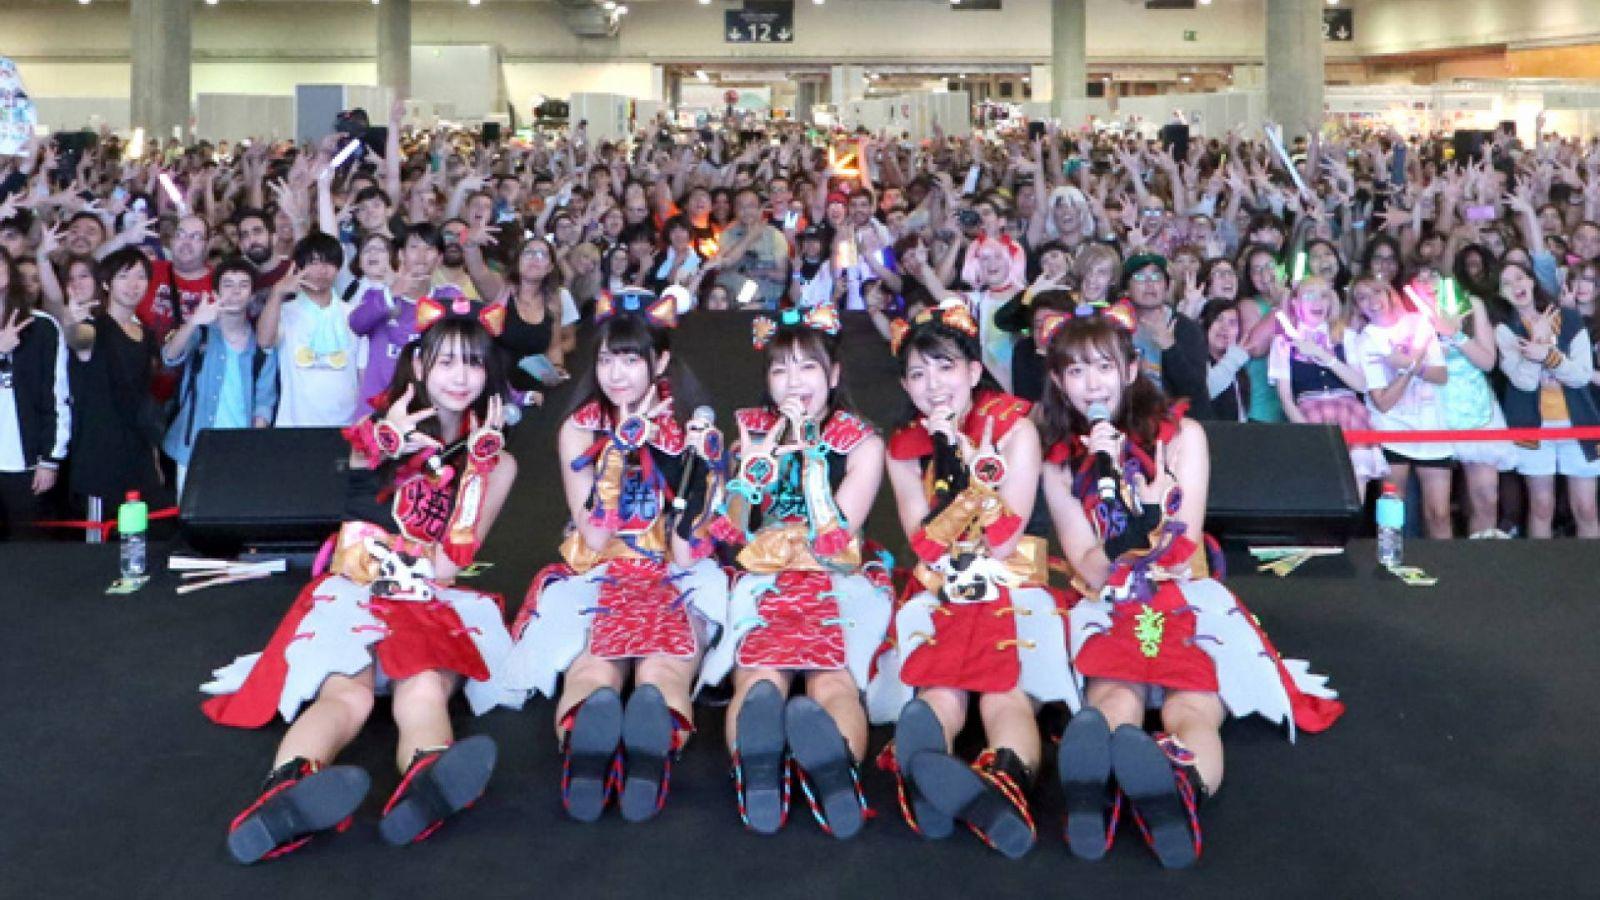 Wasuta realiza sus primeros conciertos en España en el Japan Weekend Madrid © avex